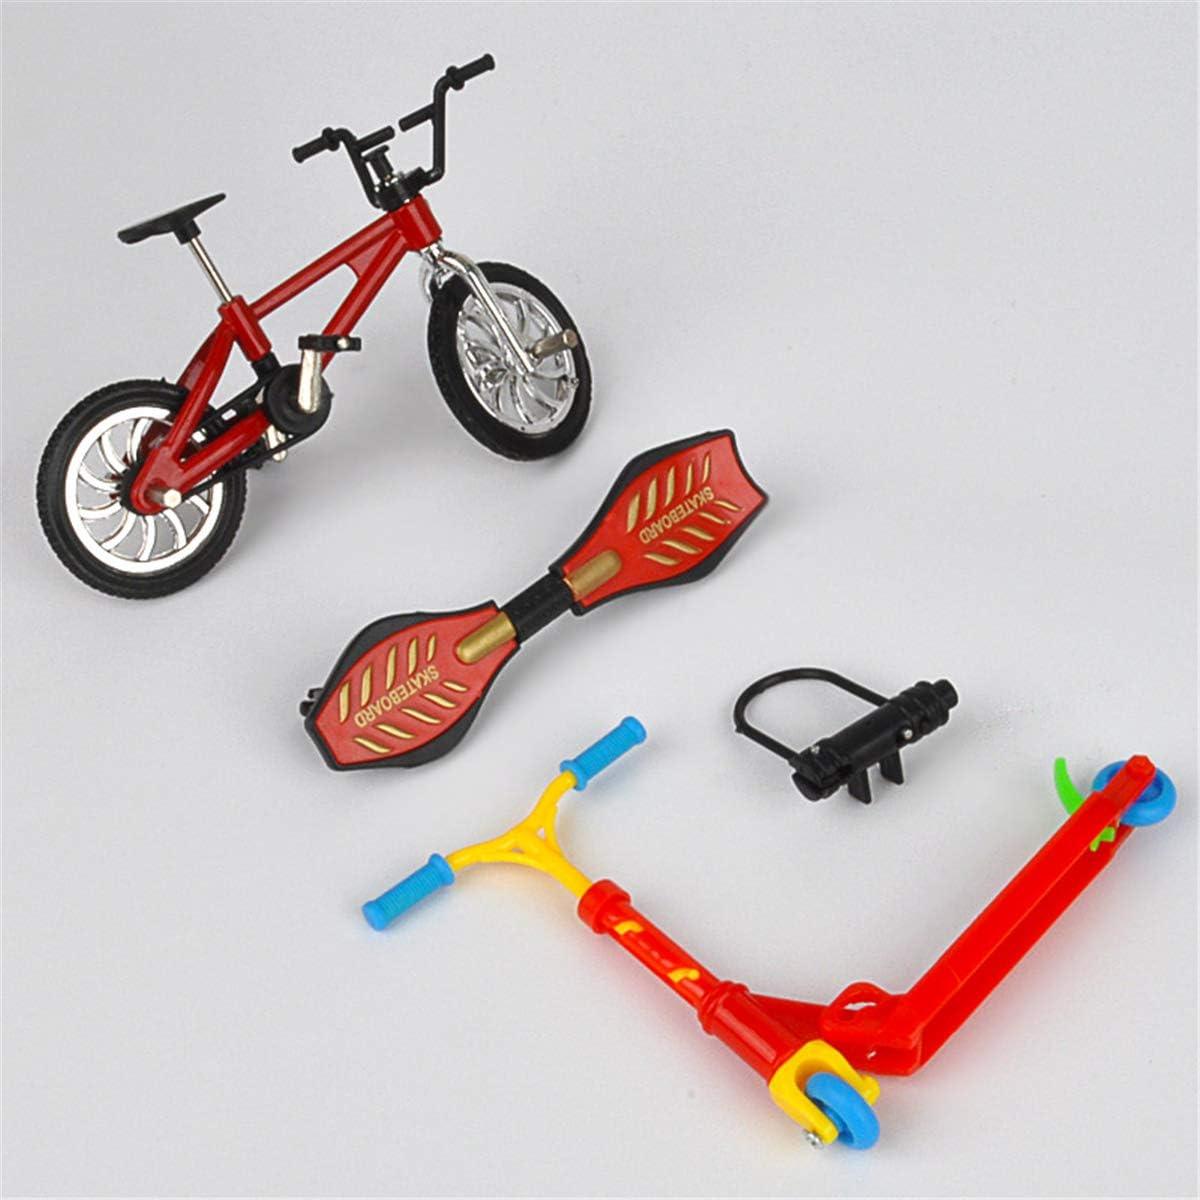 cypressen Finger Scooter Spielzeug Mini Finger Spielzeug Set f/ür Kinder Finger Skateboards Fahrr/äder Fingerboards Finger Spielzeug F/ür Kinder Und Geschenk